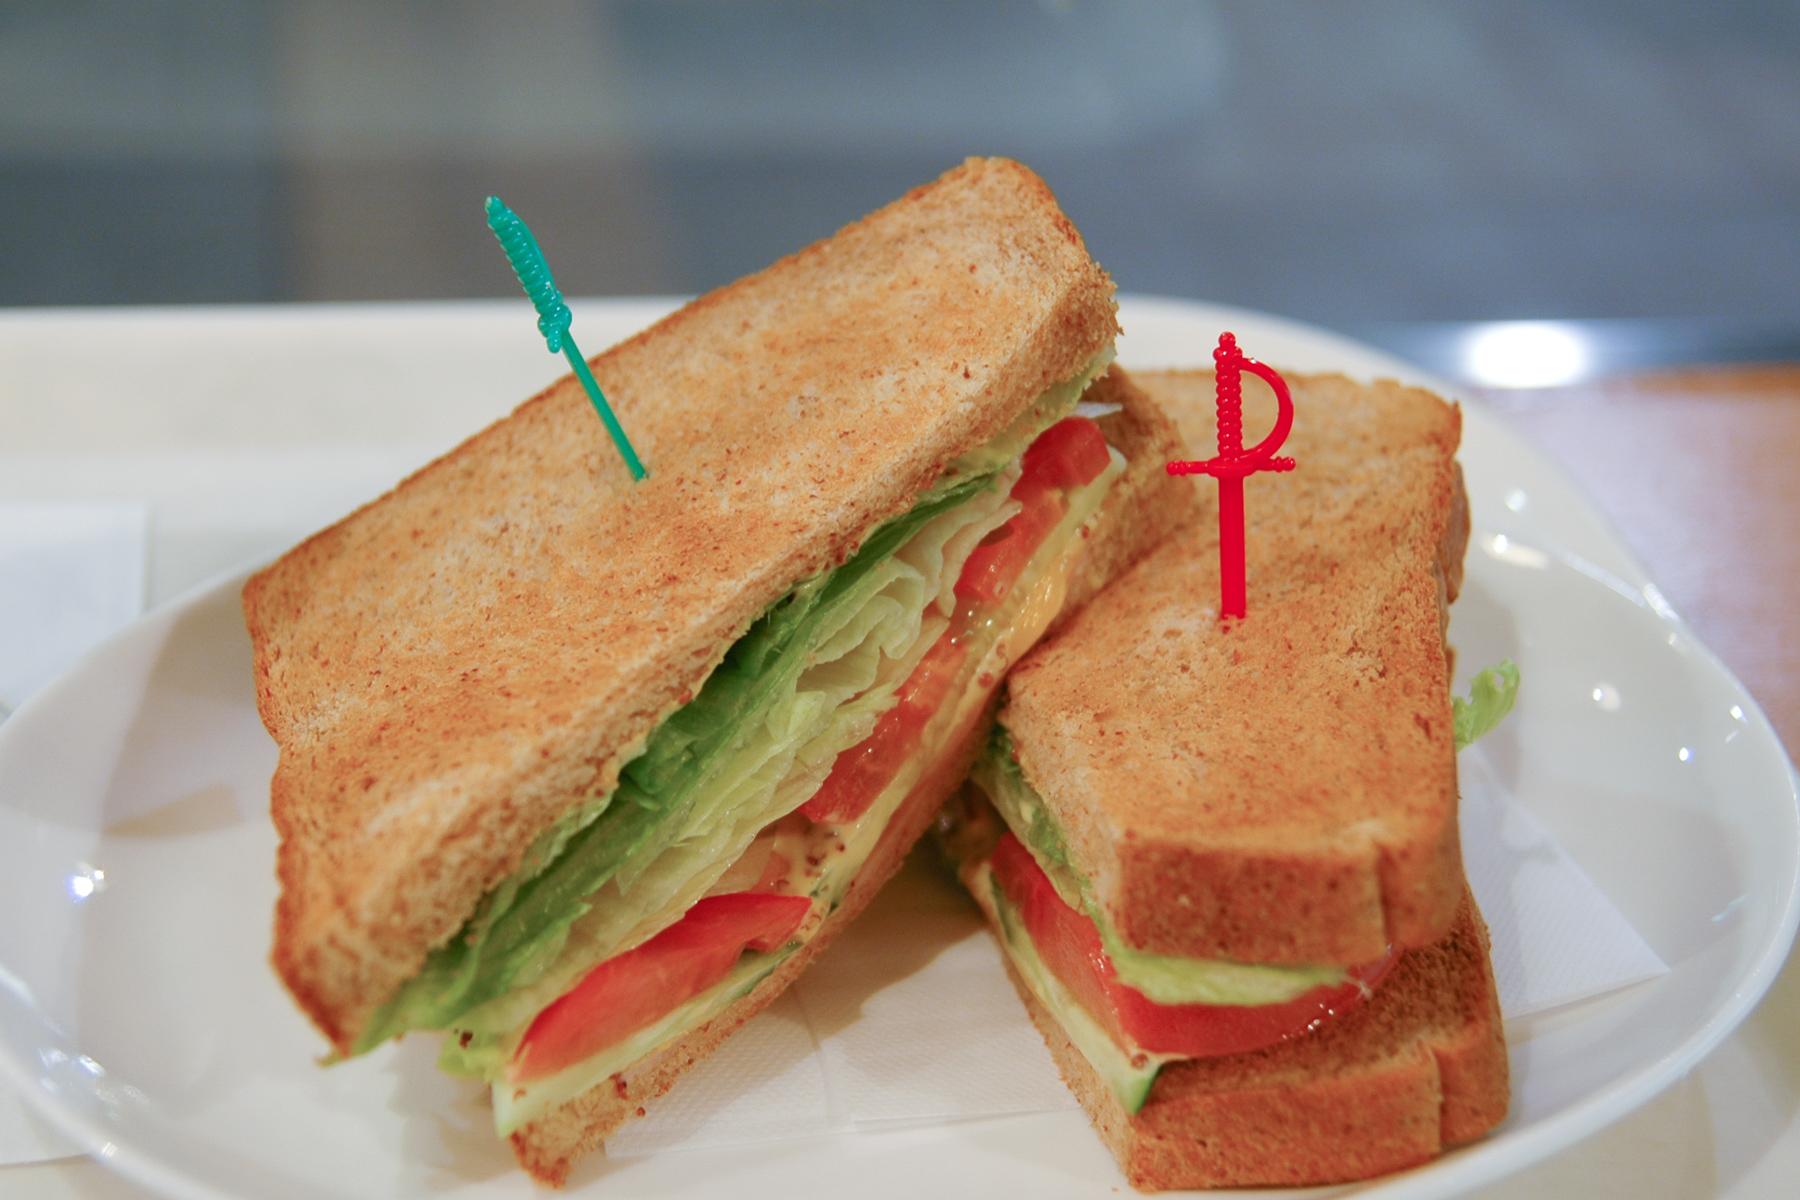 サンドイッチ(たぶん錦糸町のカフェ) NIKON D70 + TAMRON 17-50mm 【蛍光灯+通路内照明】